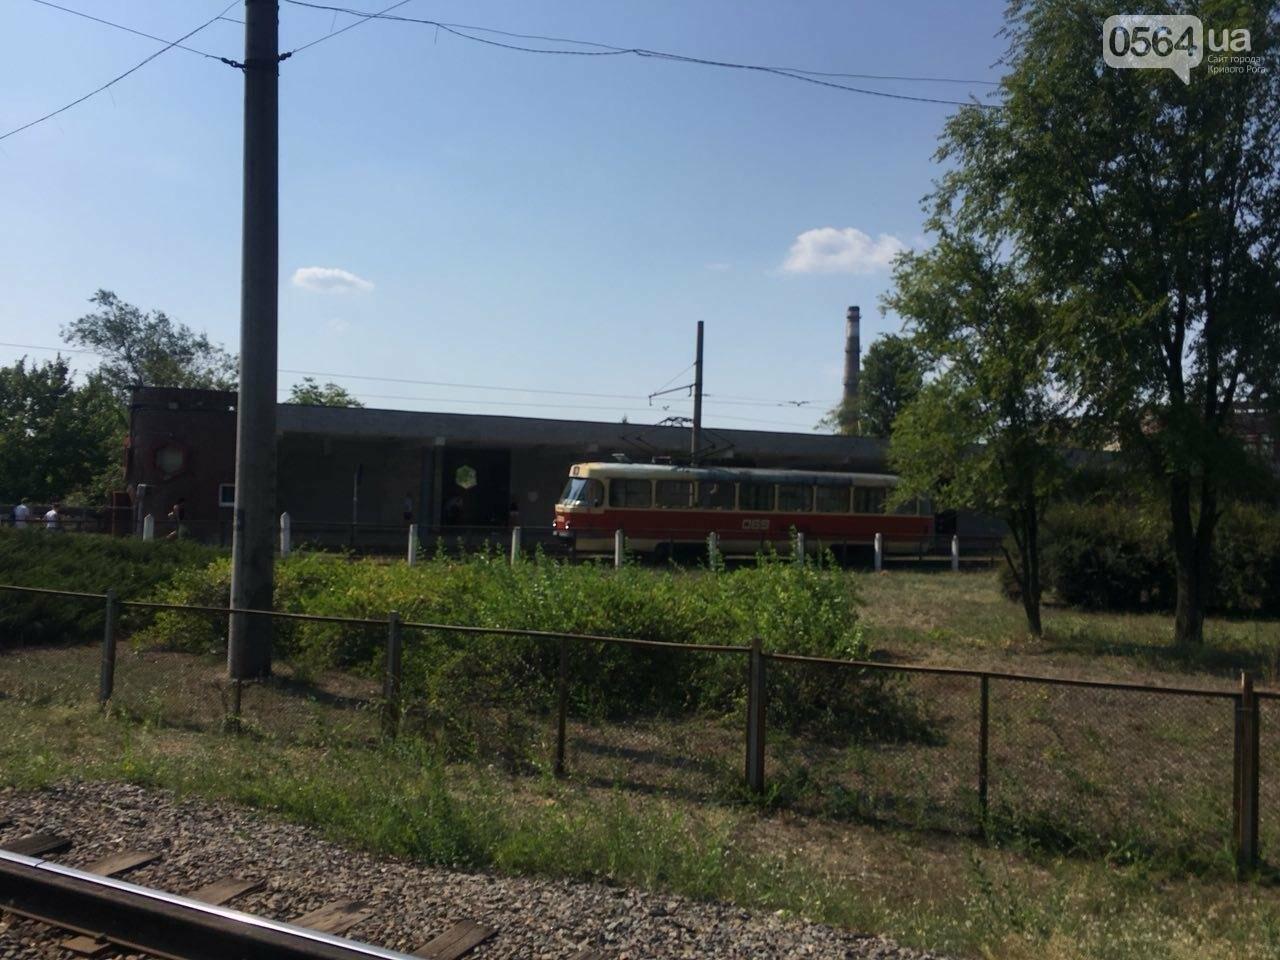 Из-за поломки скоростного трамвая, криворожане шли до ближайшей станции по рельсам, - ФОТО , фото-2